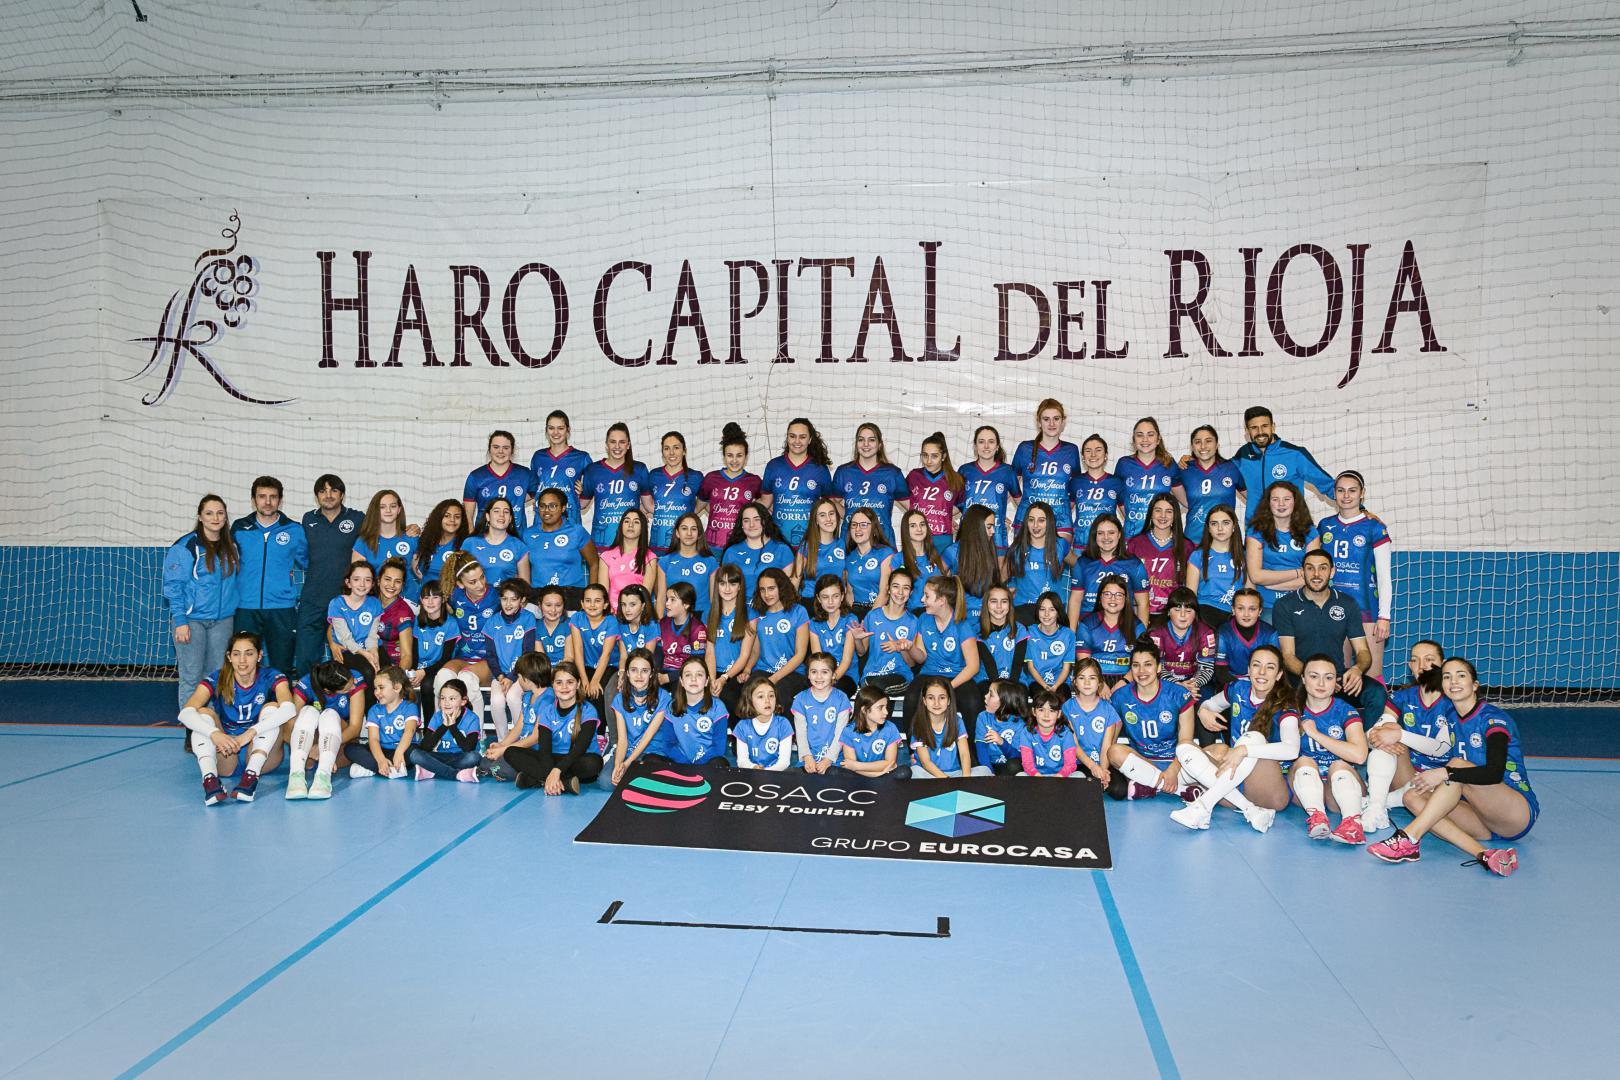 El OSACC Haro gana a Sant Cugat y logra su sexto triunfo consecutivo 2